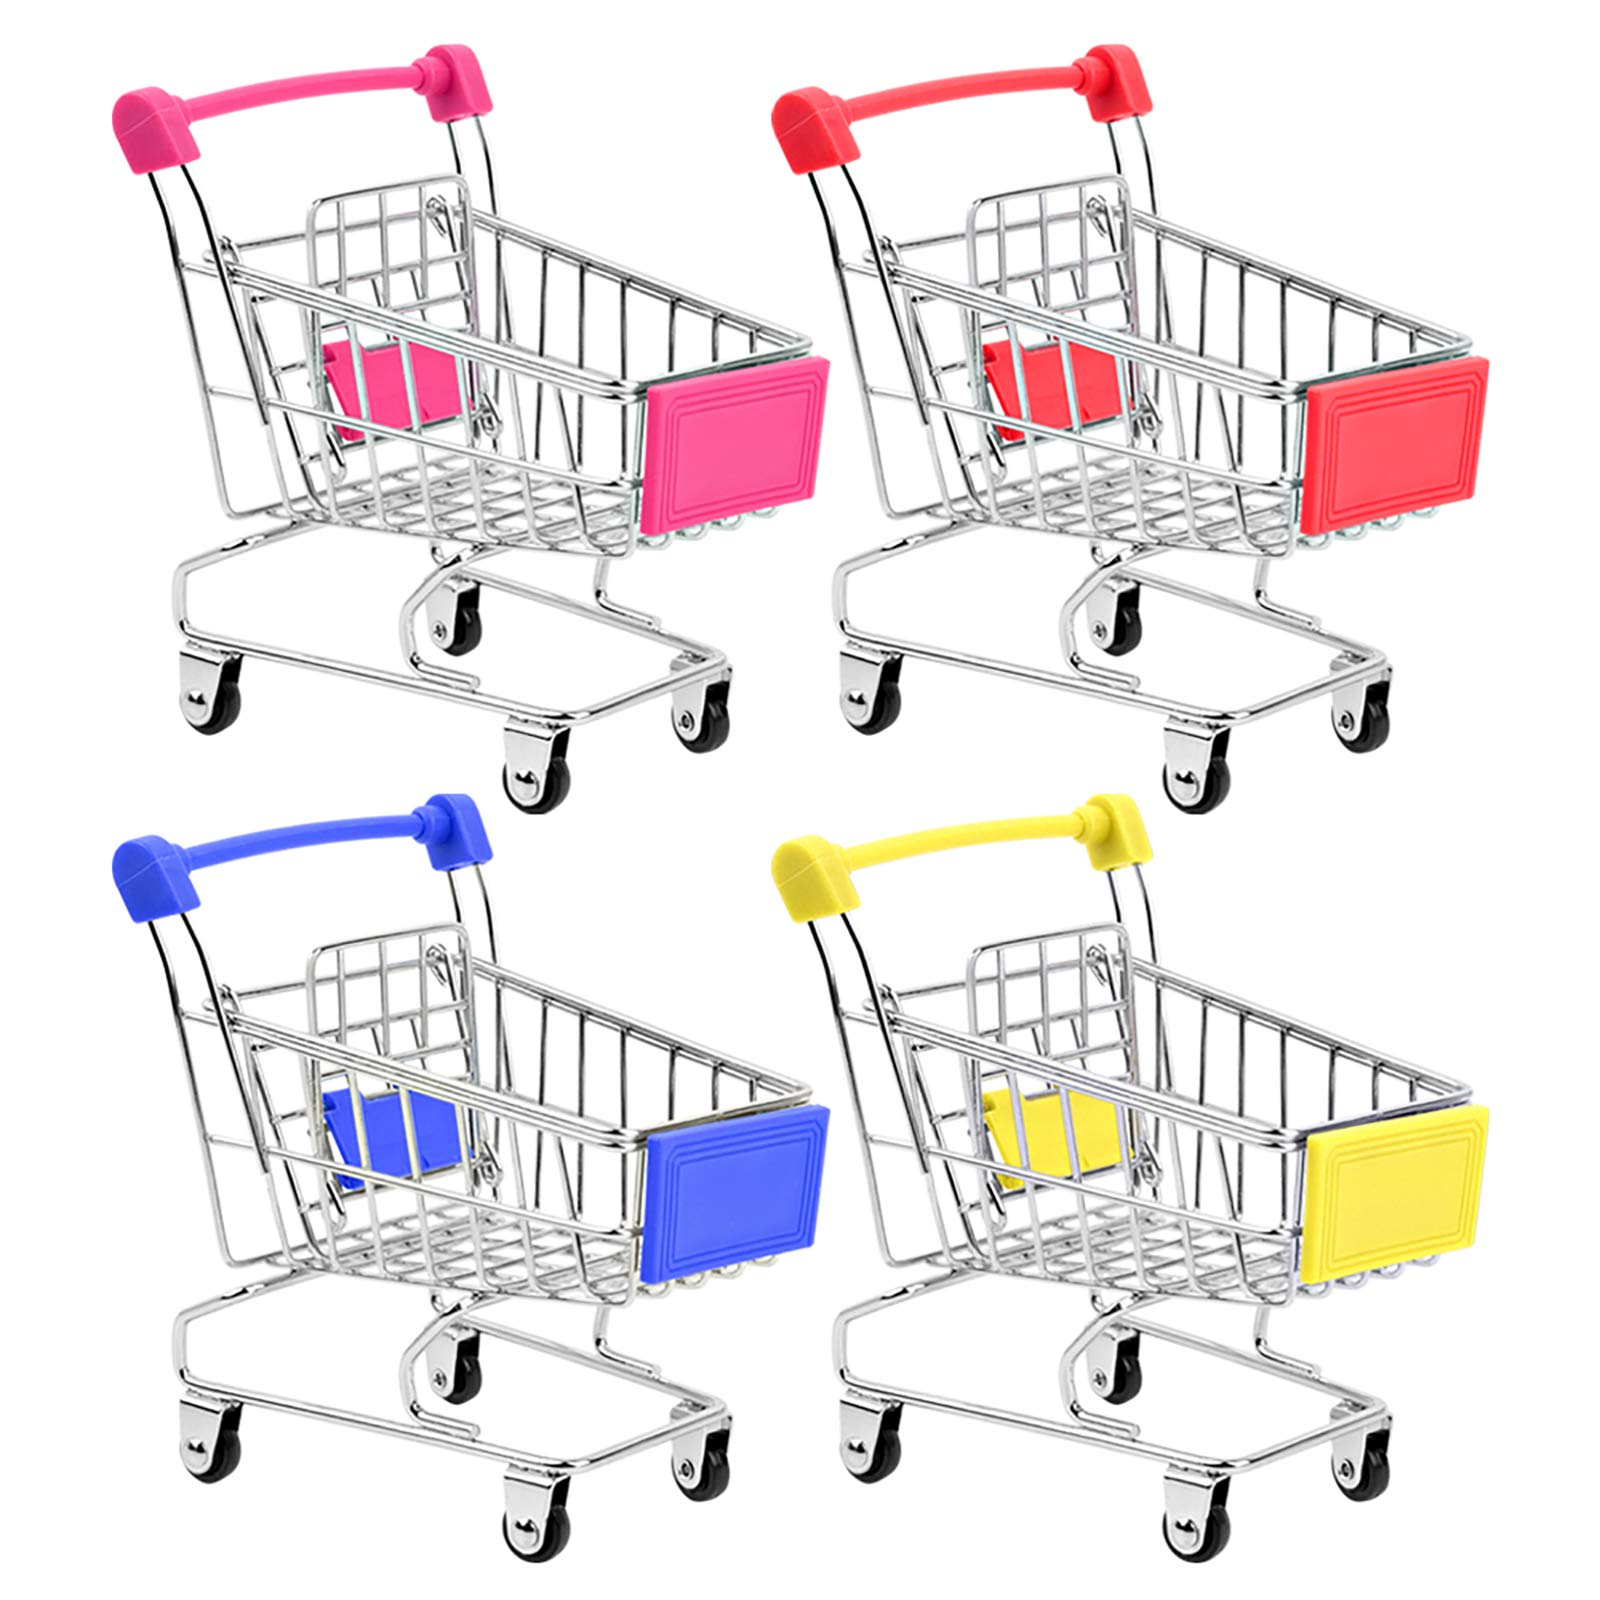 HNYYZL Bestsupplier Mini Supermarket Handcart, 4 Pcs Mini Shopping Cart Supermarket Handcart Shopping Utility Cart Mode Storage Toy